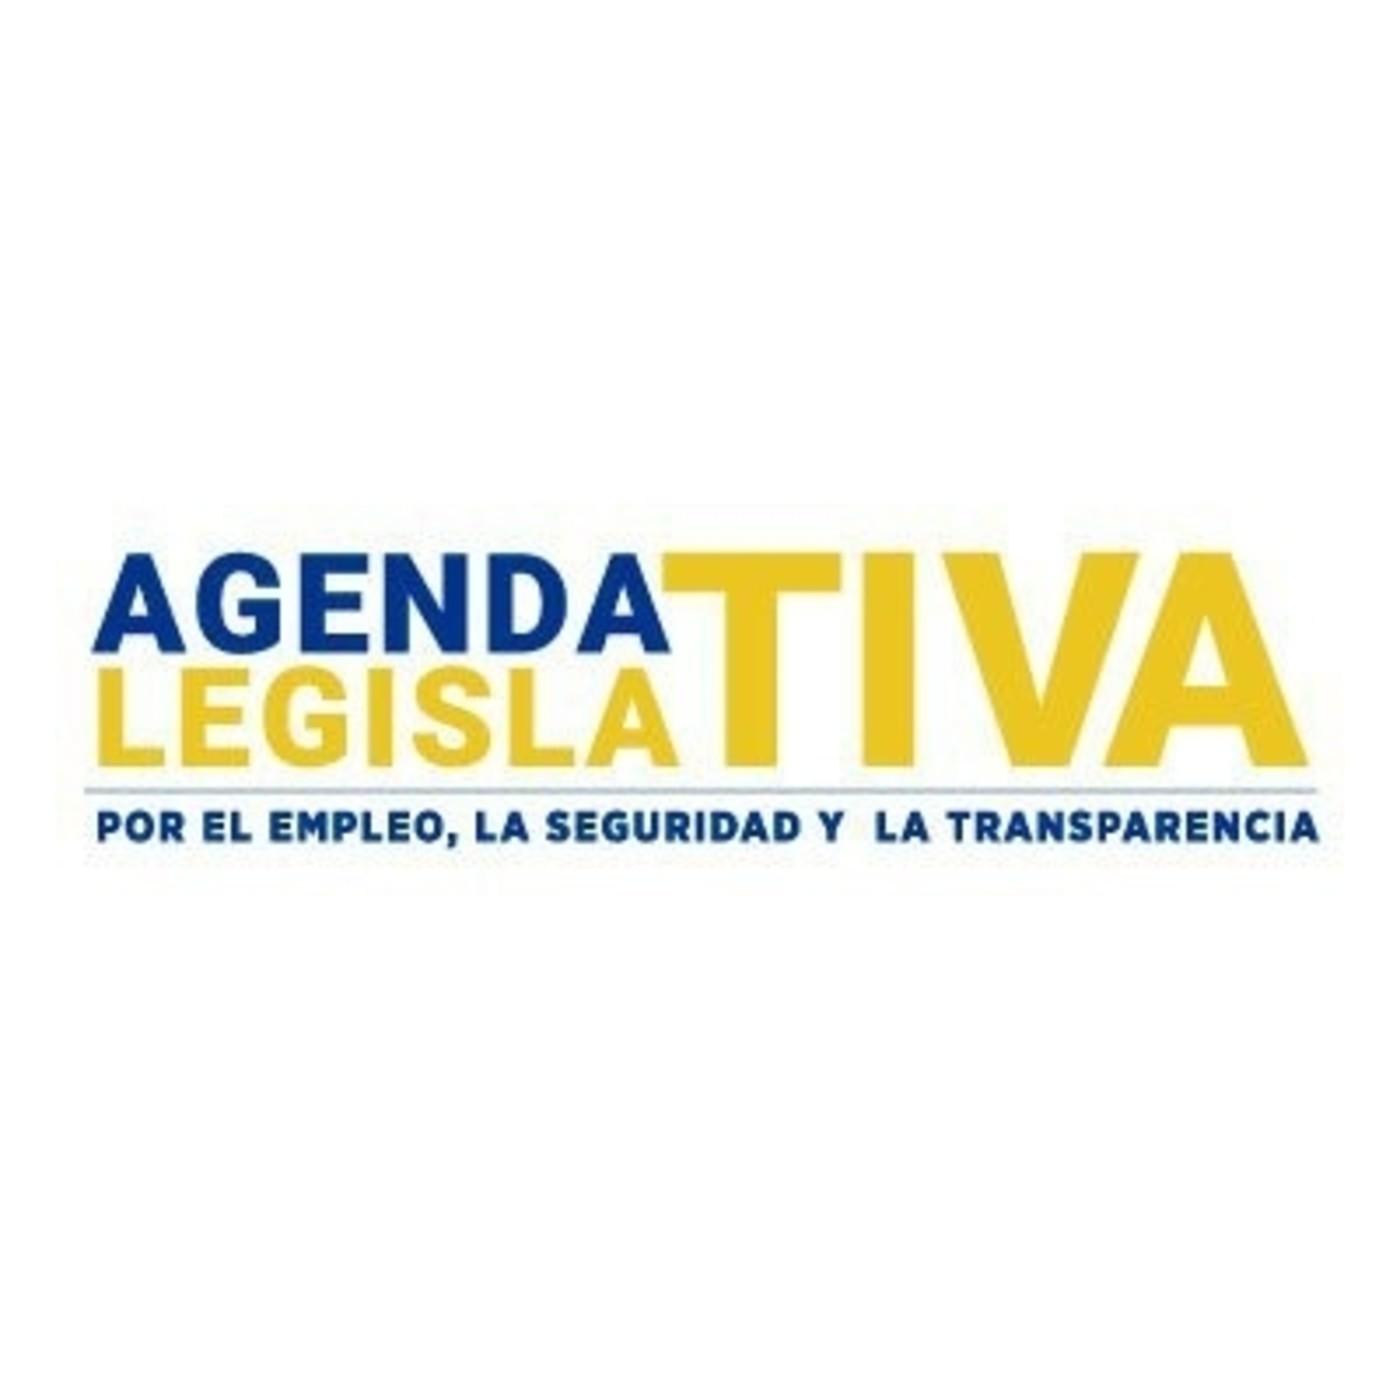 Agenda Legislativa Prioritaria